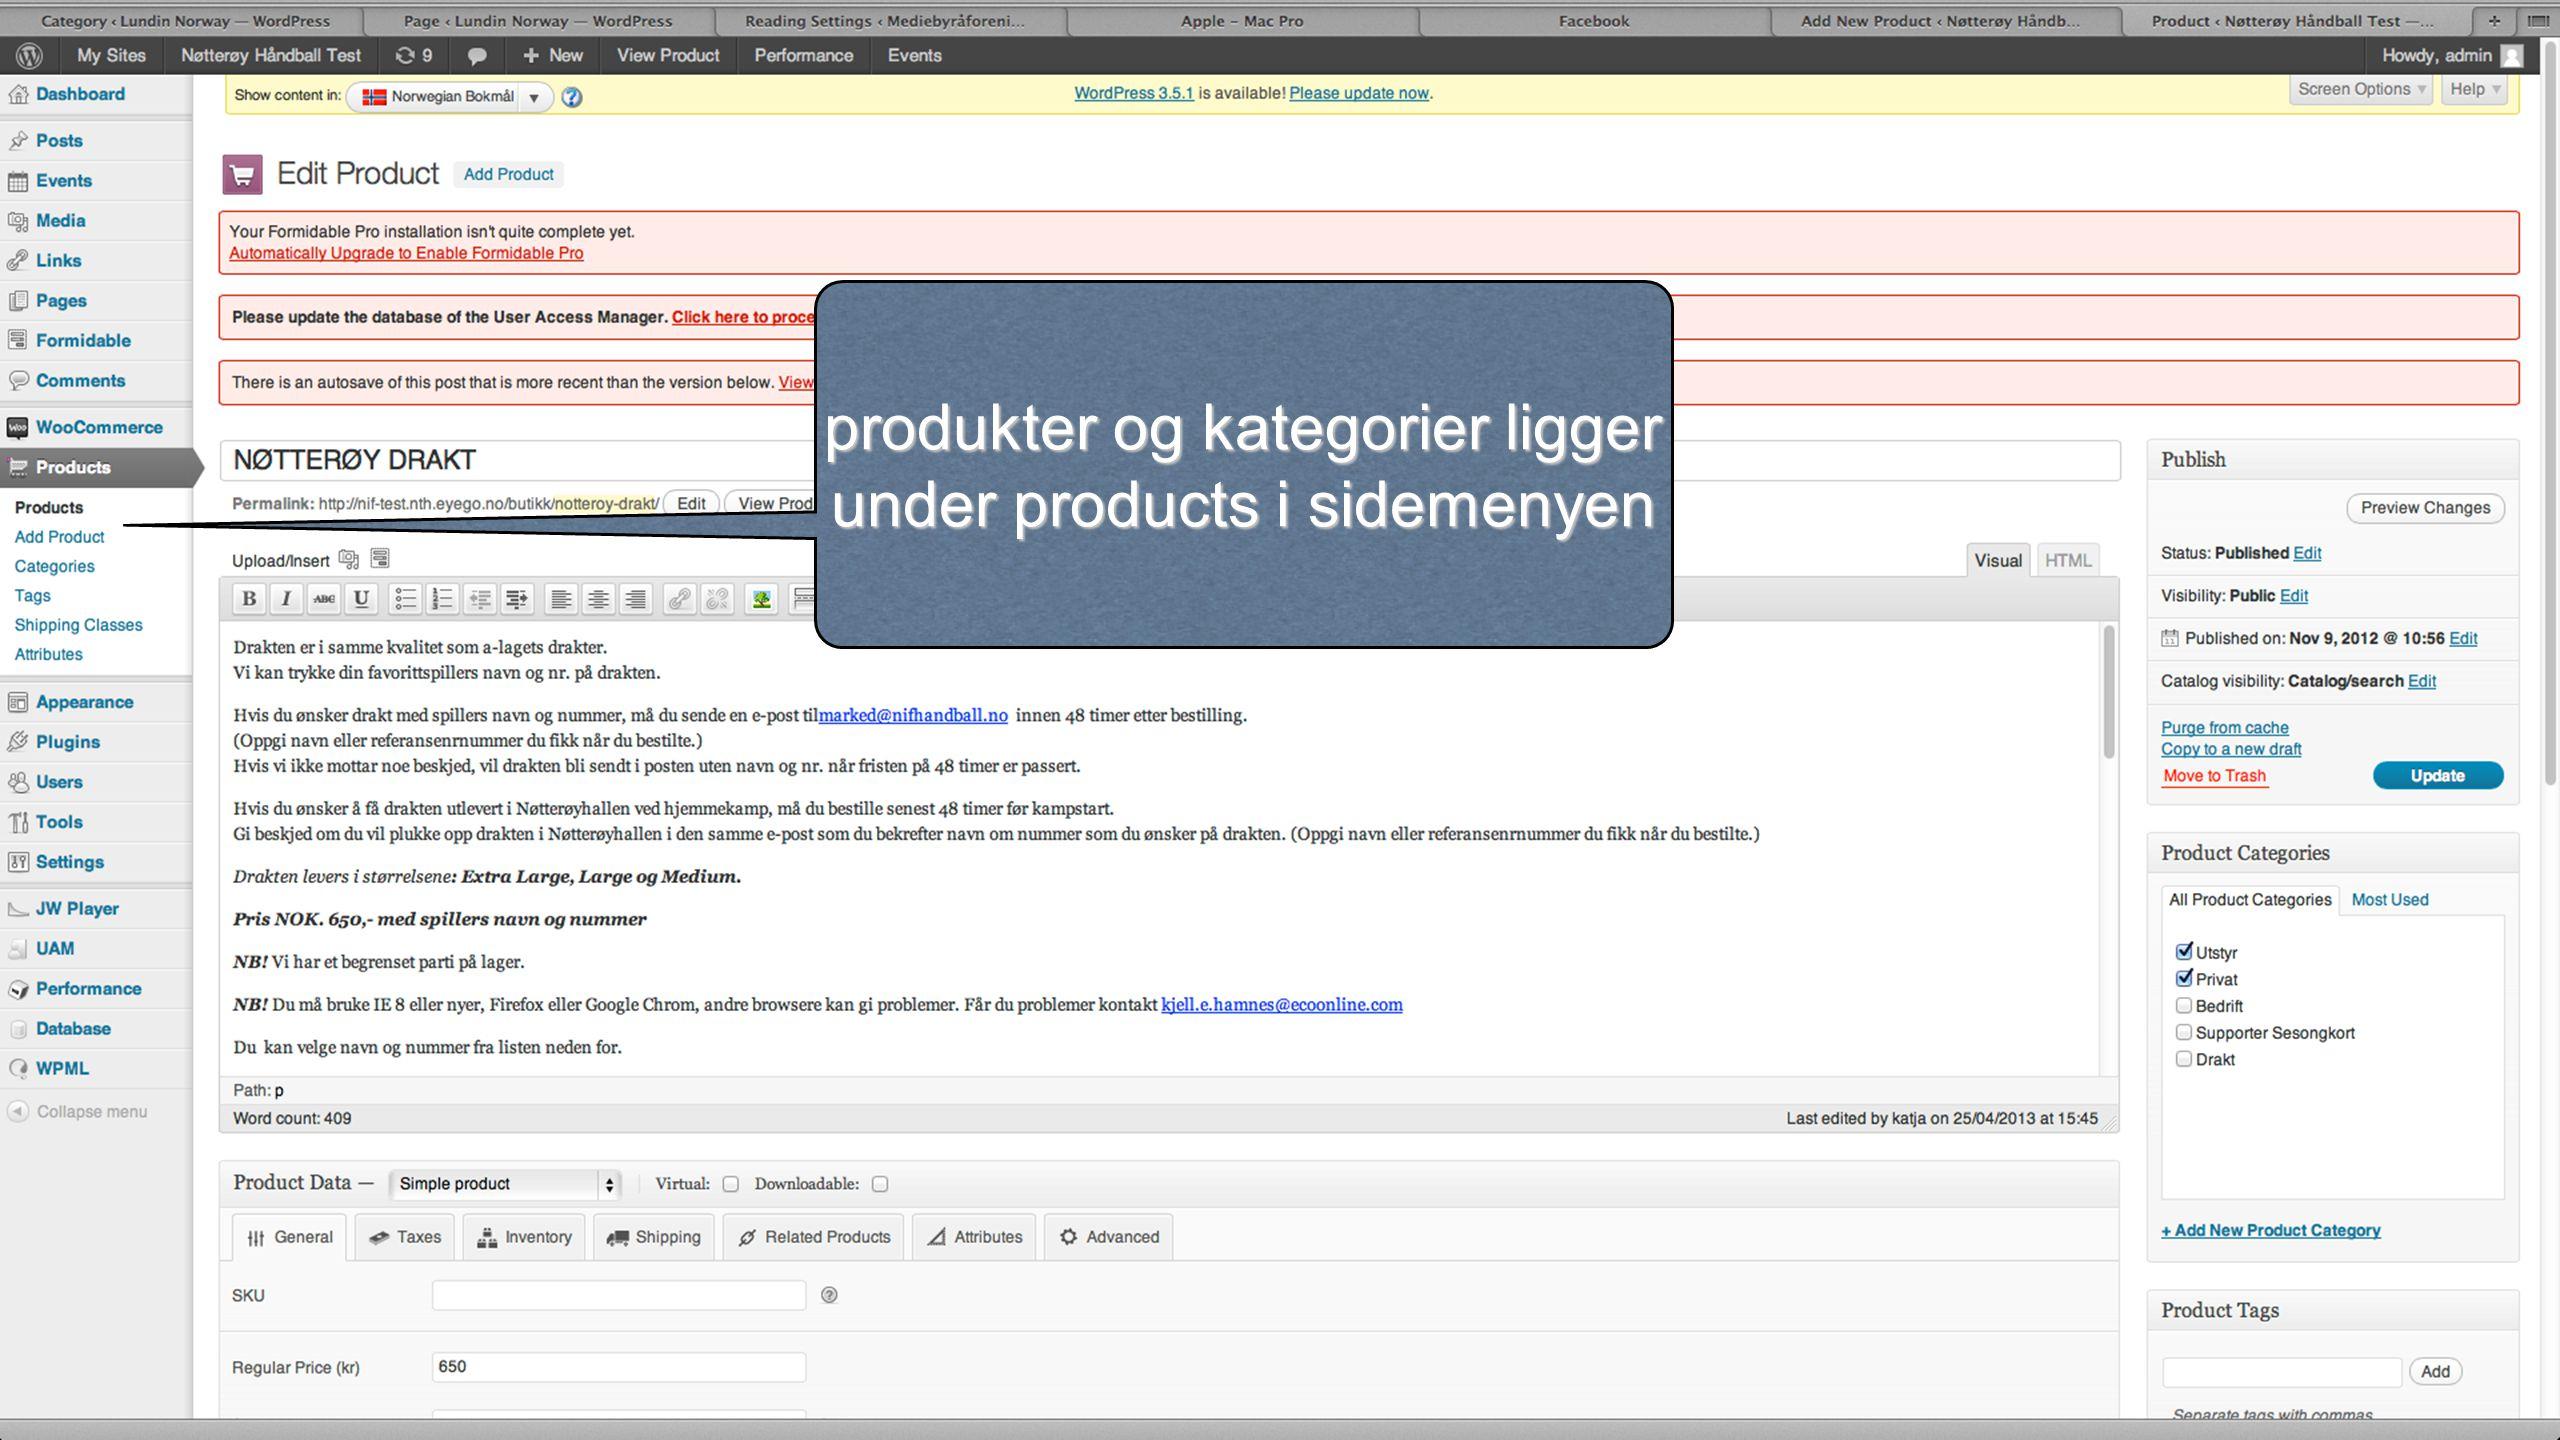 produkter og kategorier ligger under products i sidemenyen